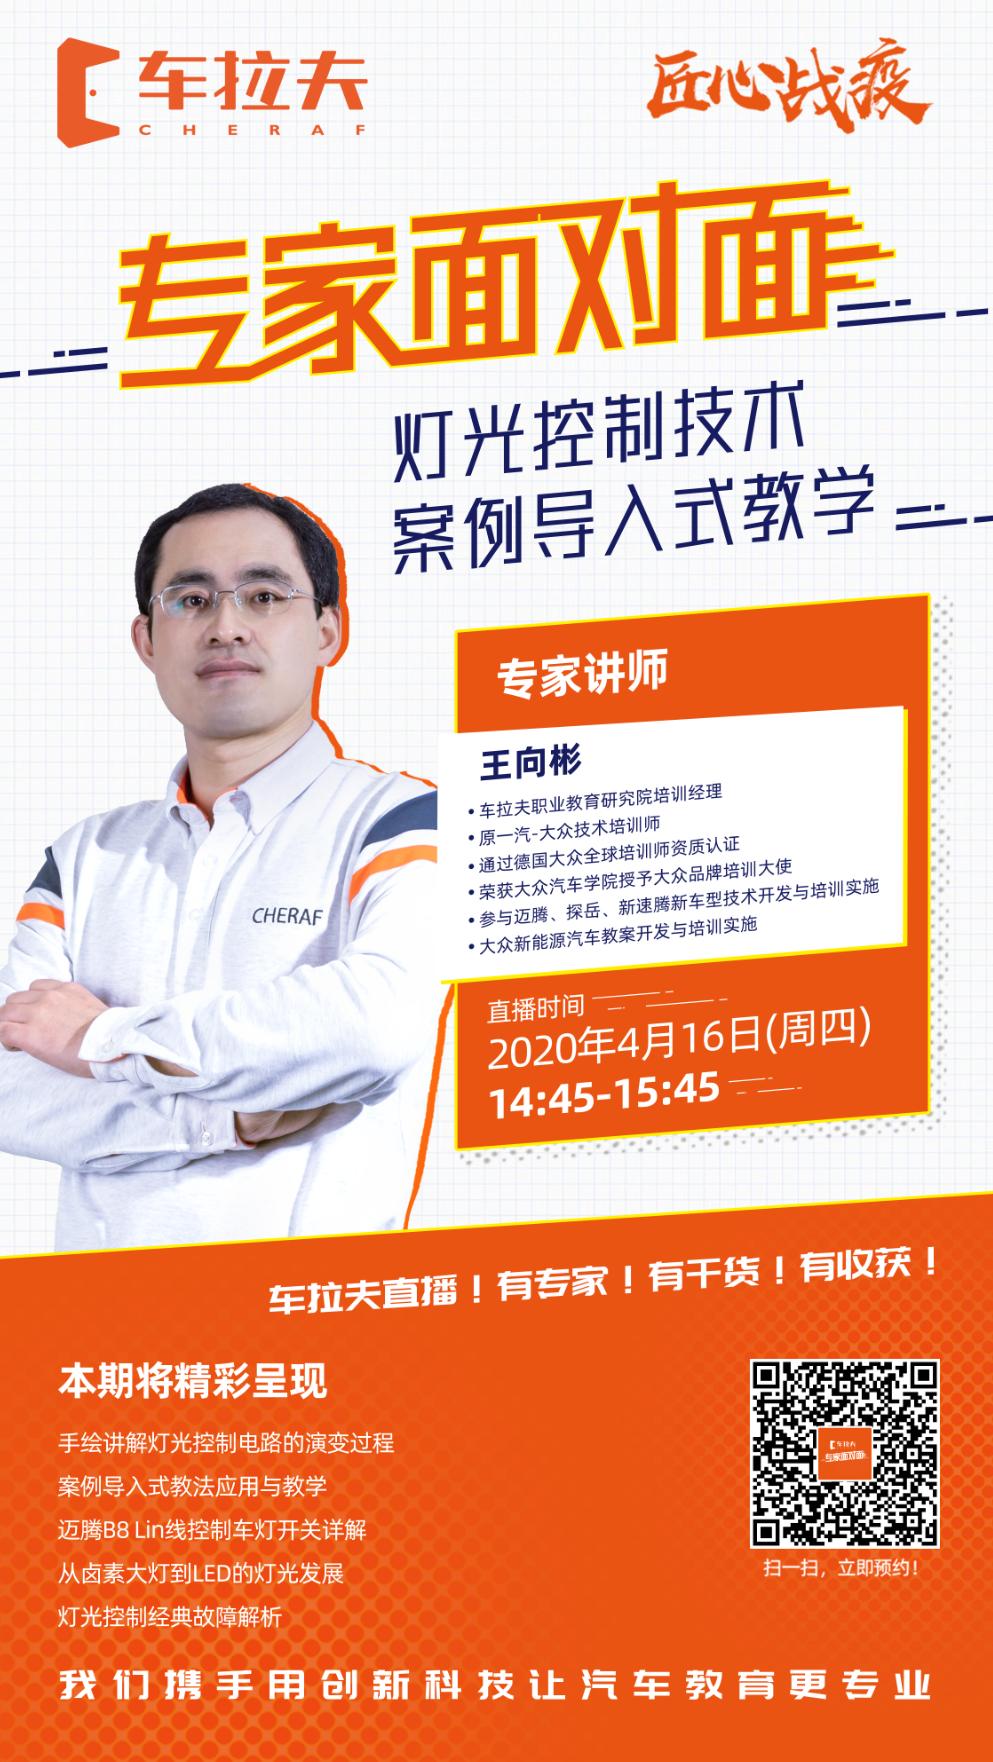 专家面对面(直播第3期)丨王向彬:灯光控制技术案例导入式教学